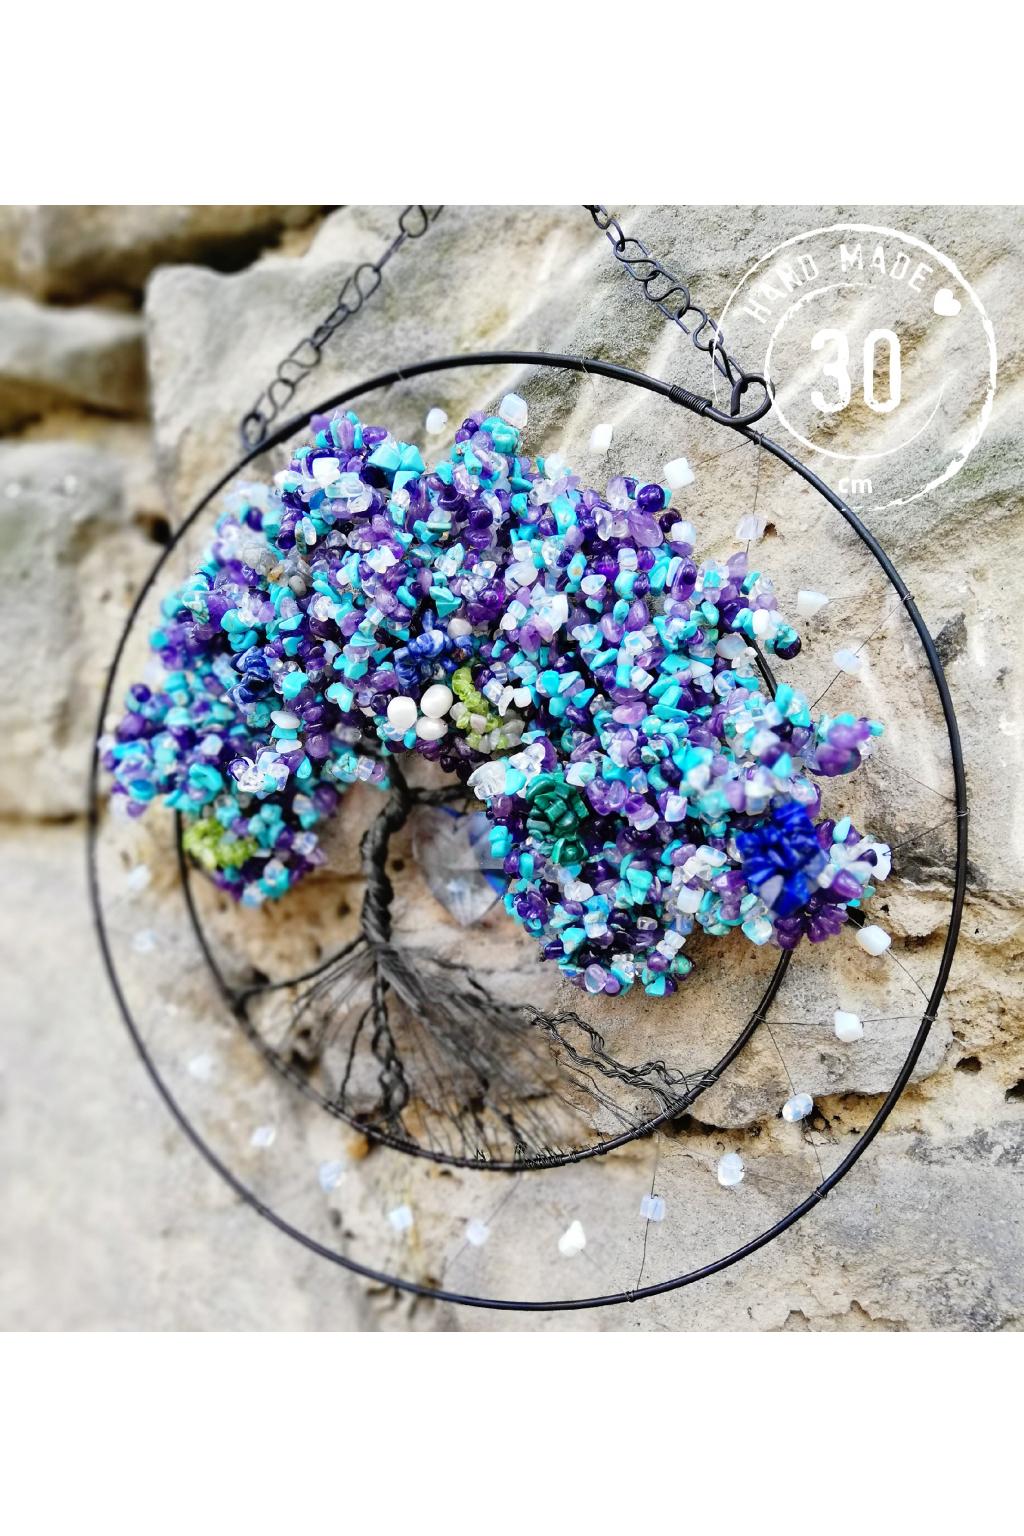 Strom života Polodrahokamy Hledám vlastní pravdu 30cm